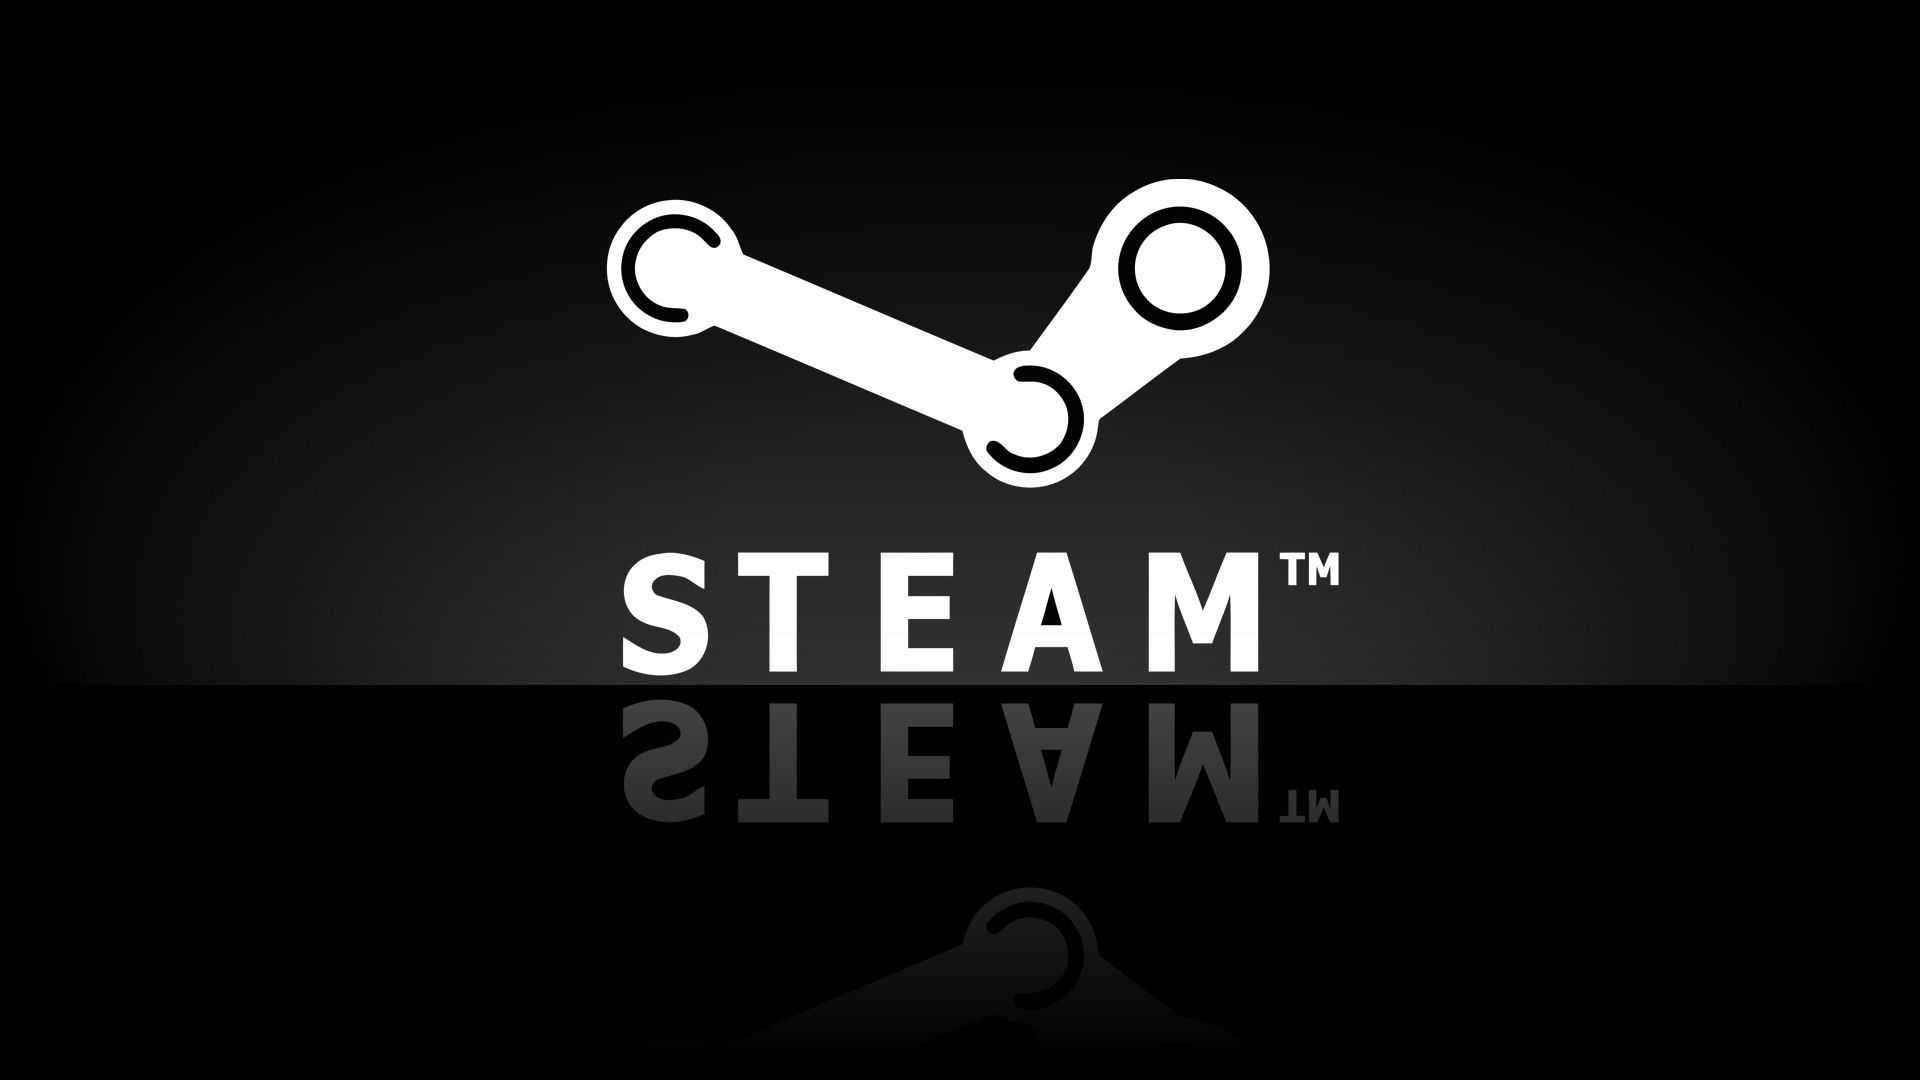 Steam перестал принимать оплату в биткоинах из-за огромной волатильности валюты и высокой комиссии